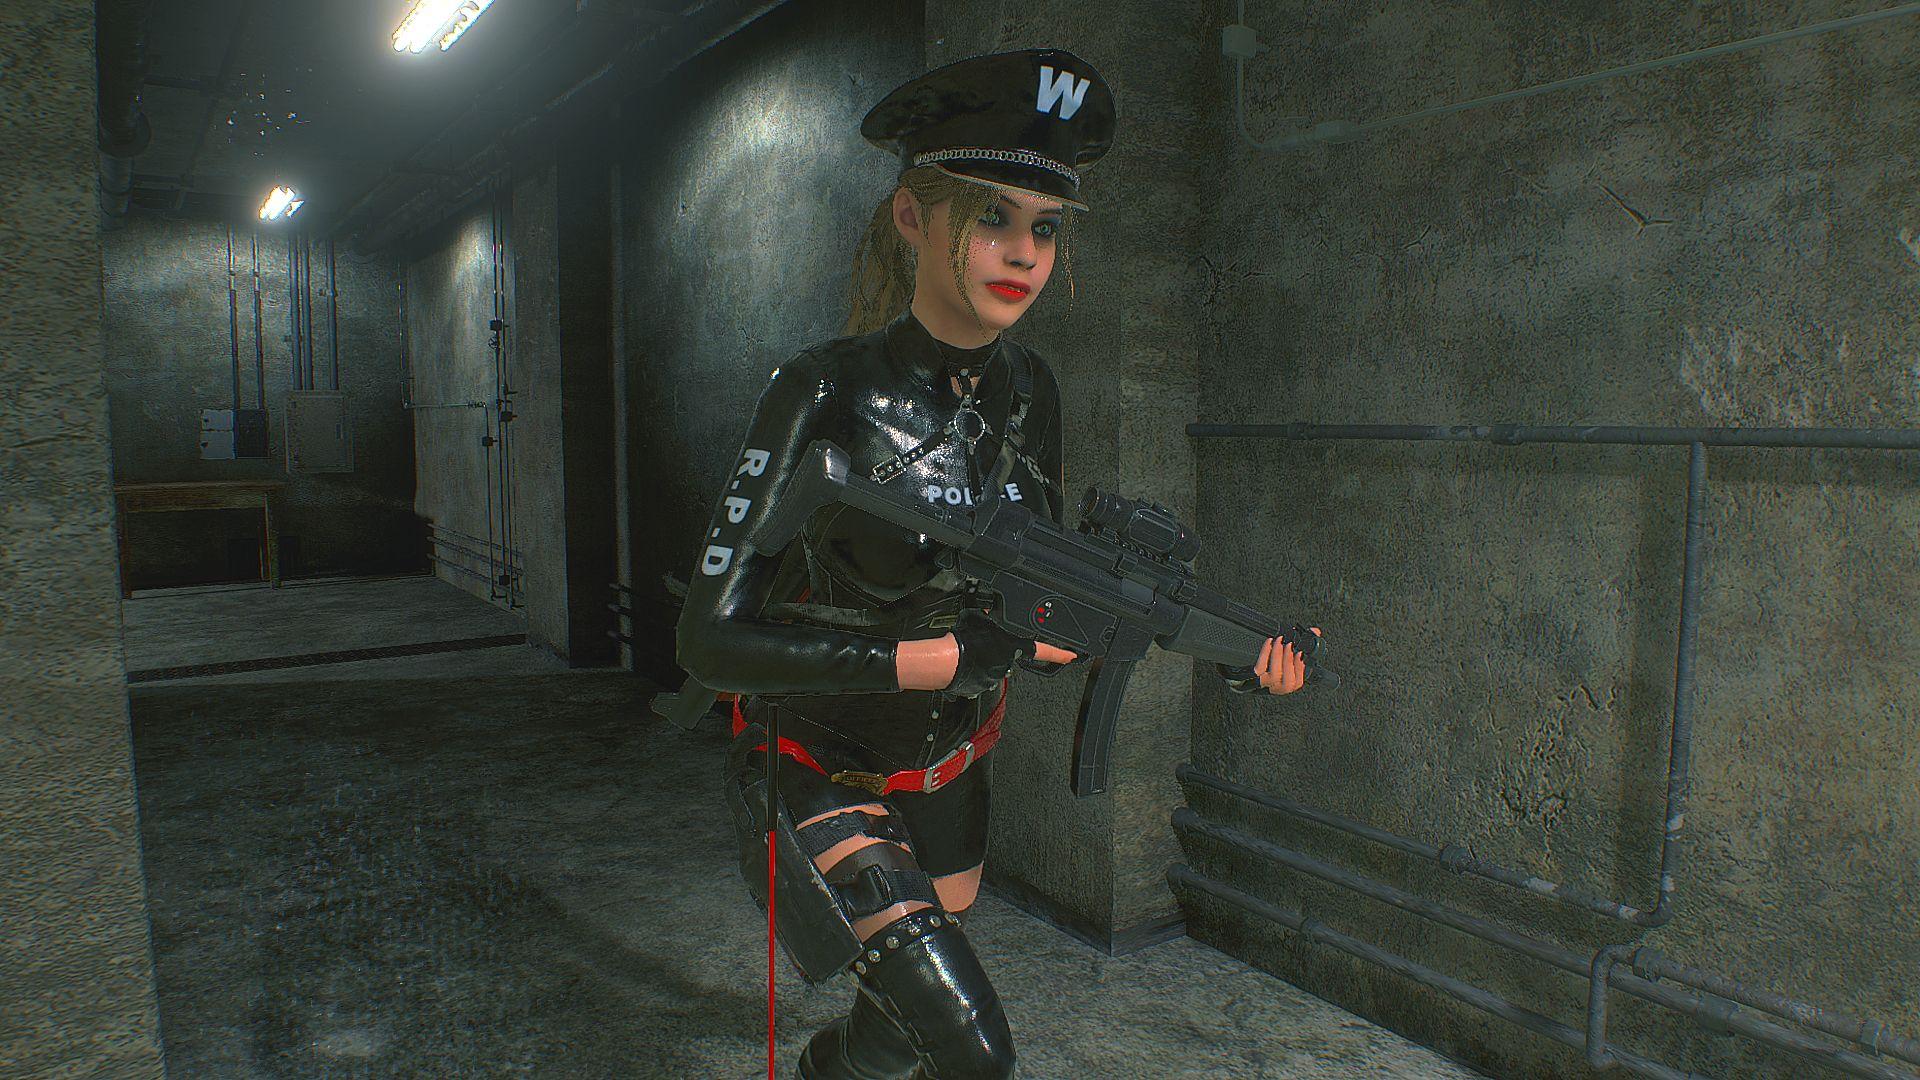 000117.Jpg - Resident Evil 2